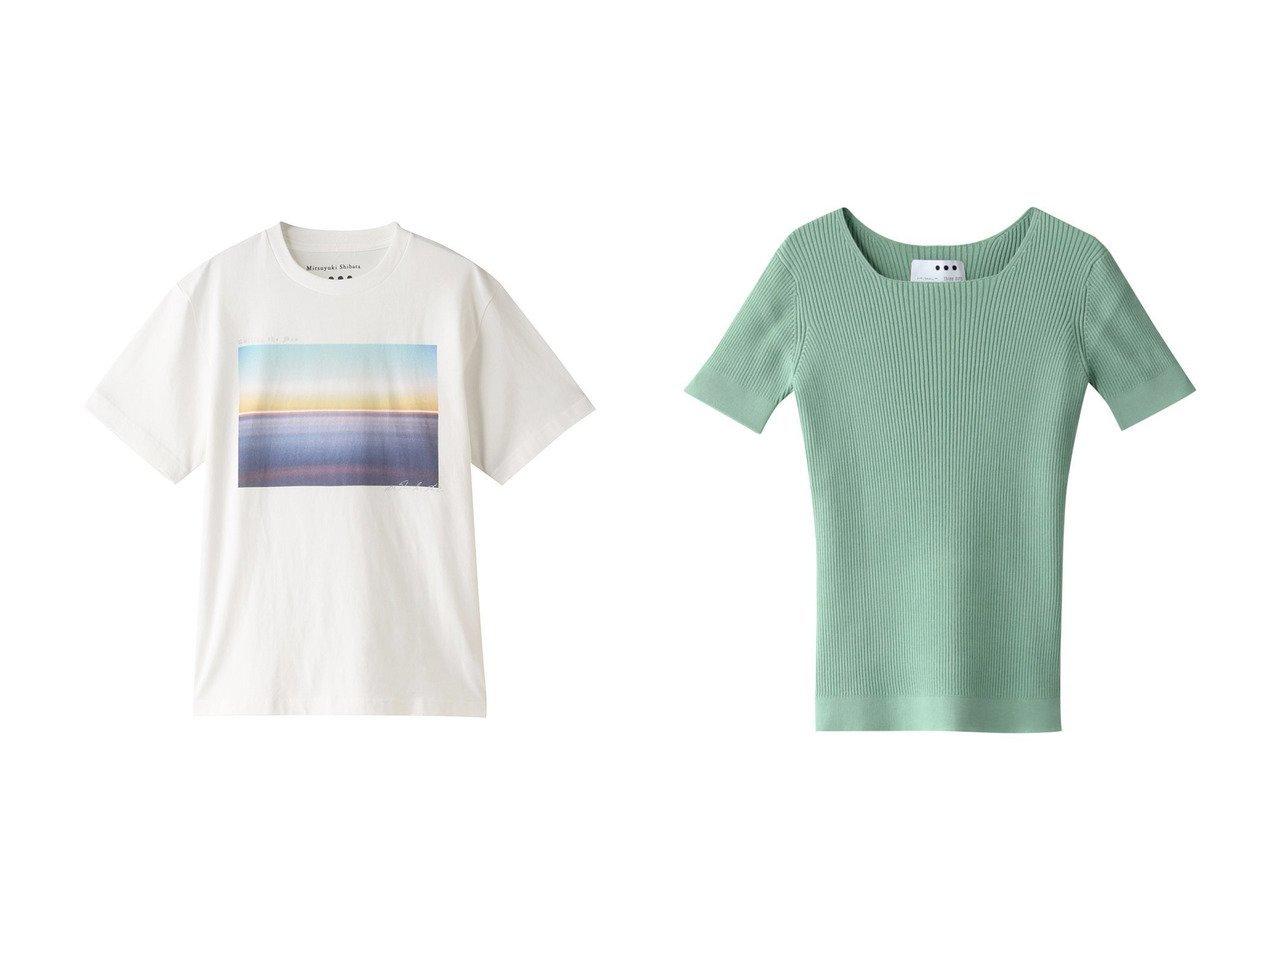 【three dots/スリー ドッツ】のs crewneck Tシャツ&s rib top Tシャツ 【トップス・カットソー】おすすめ!人気、トレンド・レディースファッションの通販  おすすめで人気の流行・トレンド、ファッションの通販商品 メンズファッション・キッズファッション・インテリア・家具・レディースファッション・服の通販 founy(ファニー) https://founy.com/ ファッション Fashion レディースファッション WOMEN トップス・カットソー Tops/Tshirt シャツ/ブラウス Shirts/Blouses ロング / Tシャツ T-Shirts カットソー Cut and Sewn 2021年 2021 2021春夏・S/S SS/Spring/Summer/2021 S/S・春夏 SS・Spring/Summer グラフィック ショート スリーブ プリント リラックス 春 Spring  ID:crp329100000028292